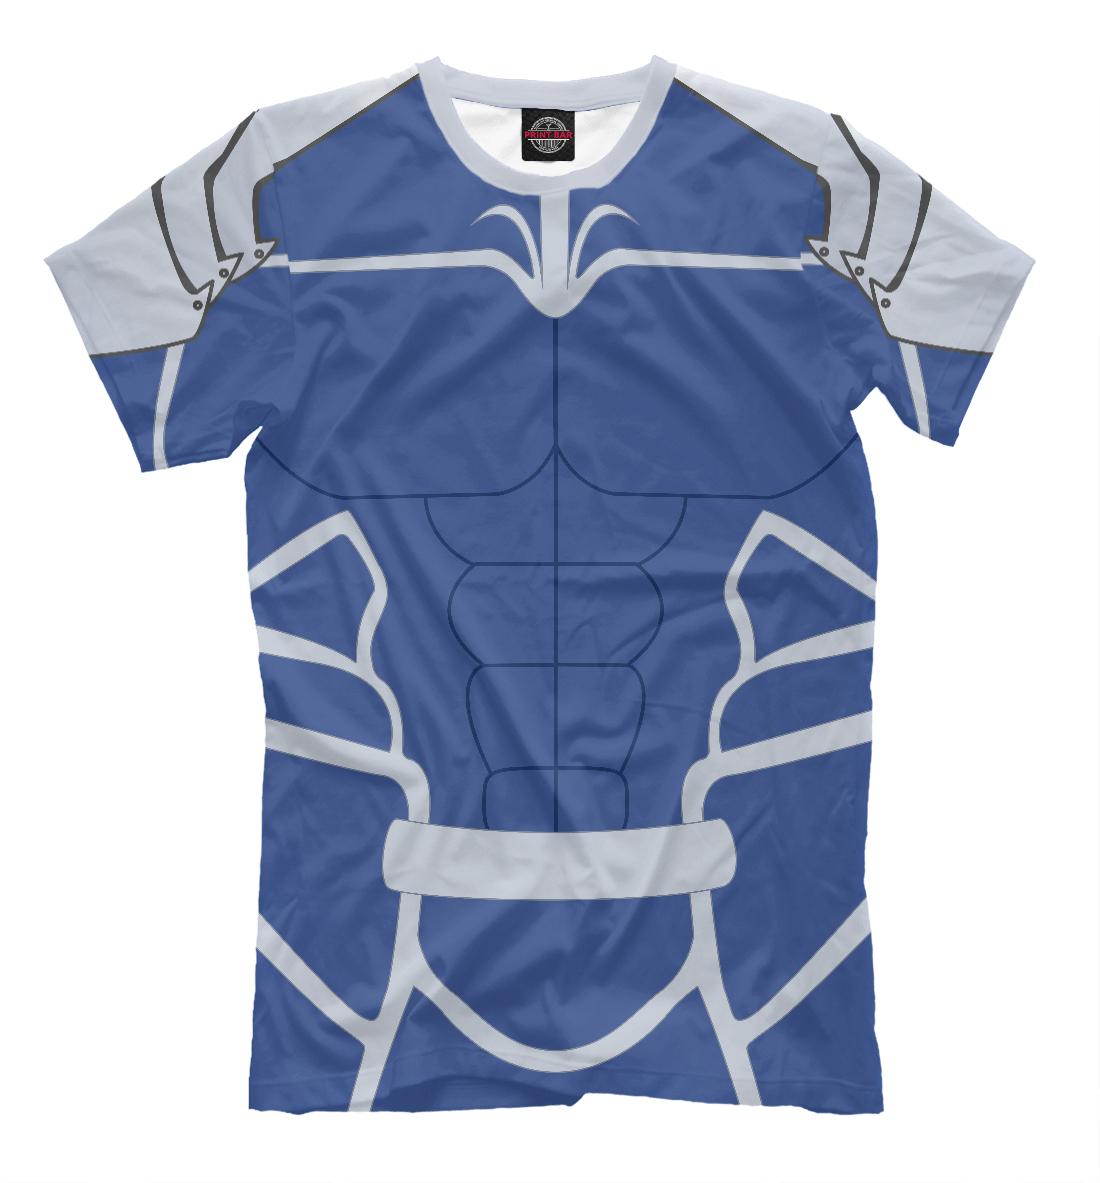 Купить Fate - костюм Лансера, Printbar, Футболки, ANR-916480-fut-2